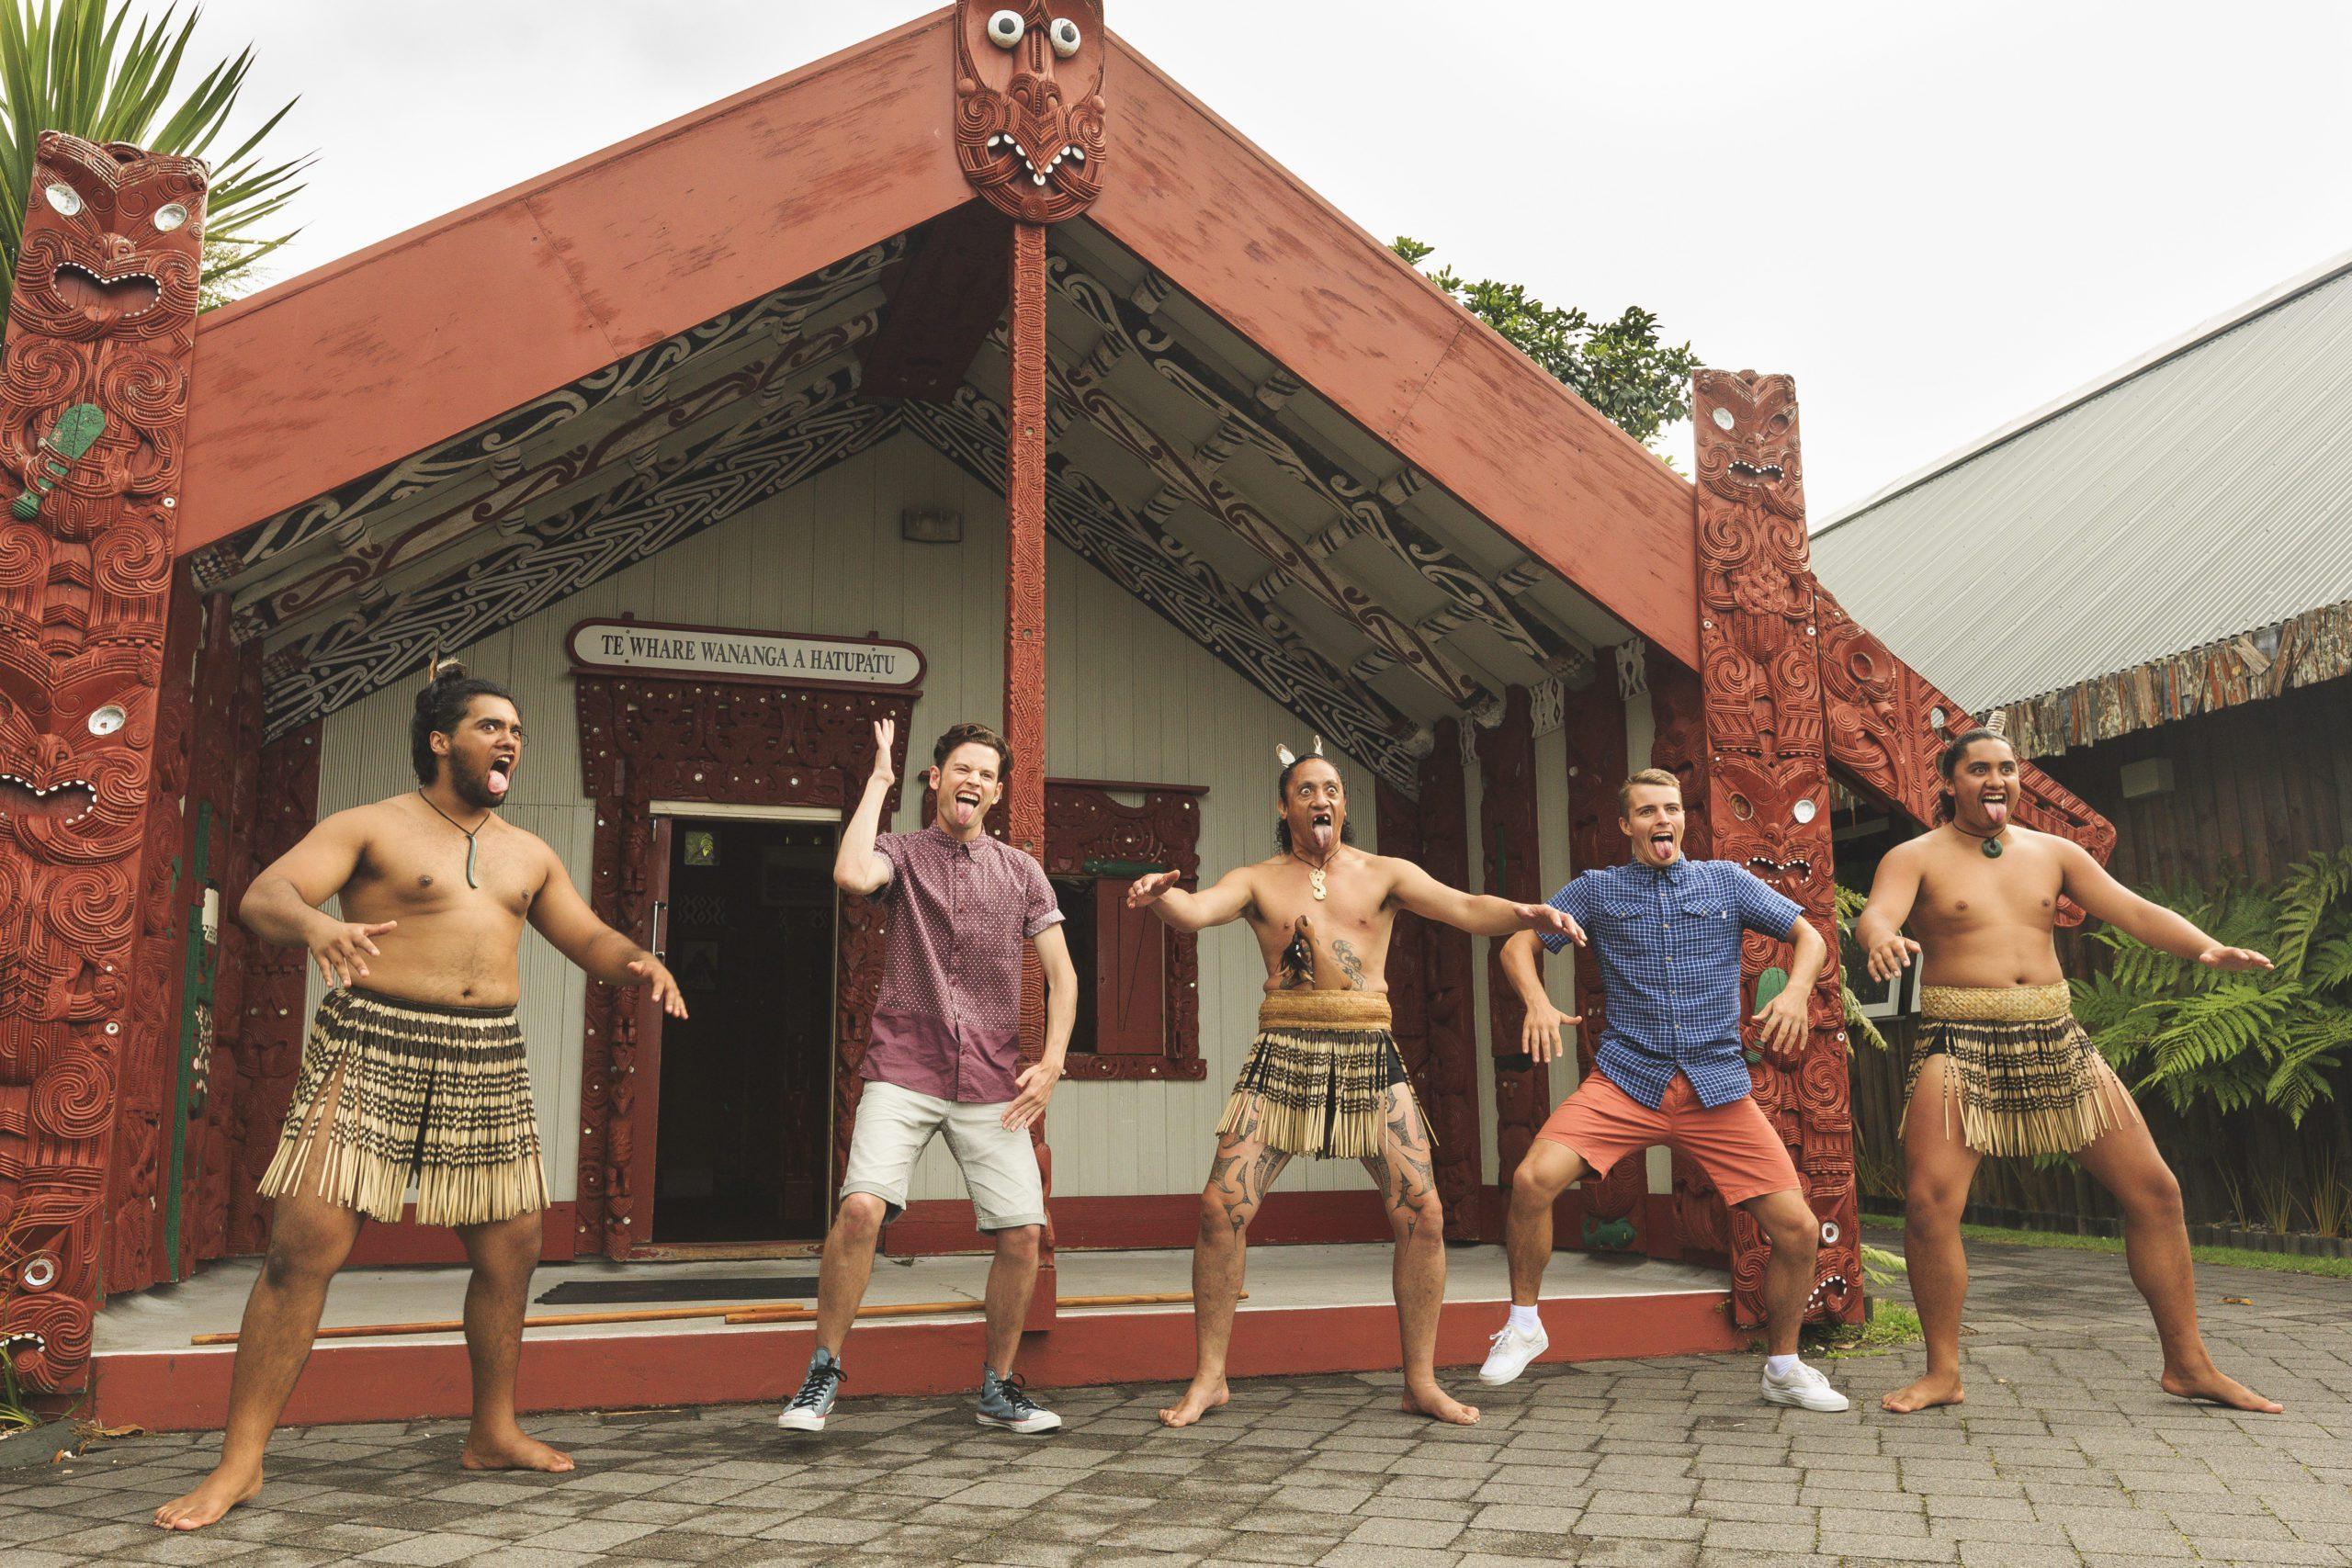 Tourists doing the Haka with some Maori guys at Te Puia